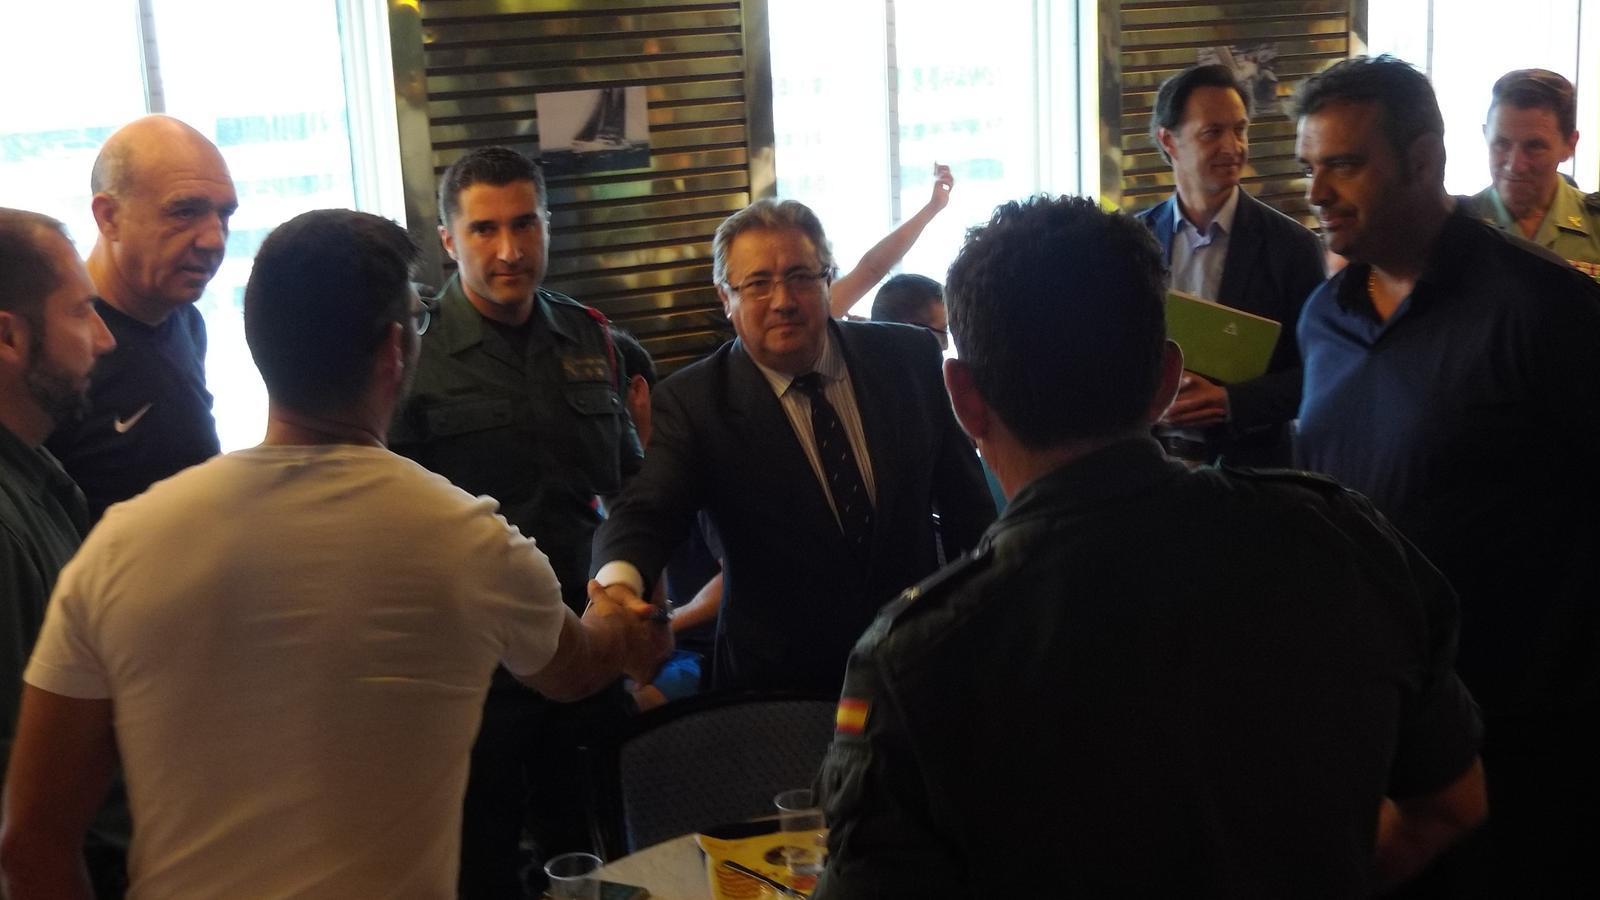 Zoido esmorza amb els policies i gu rdies civils als for Ministre interior